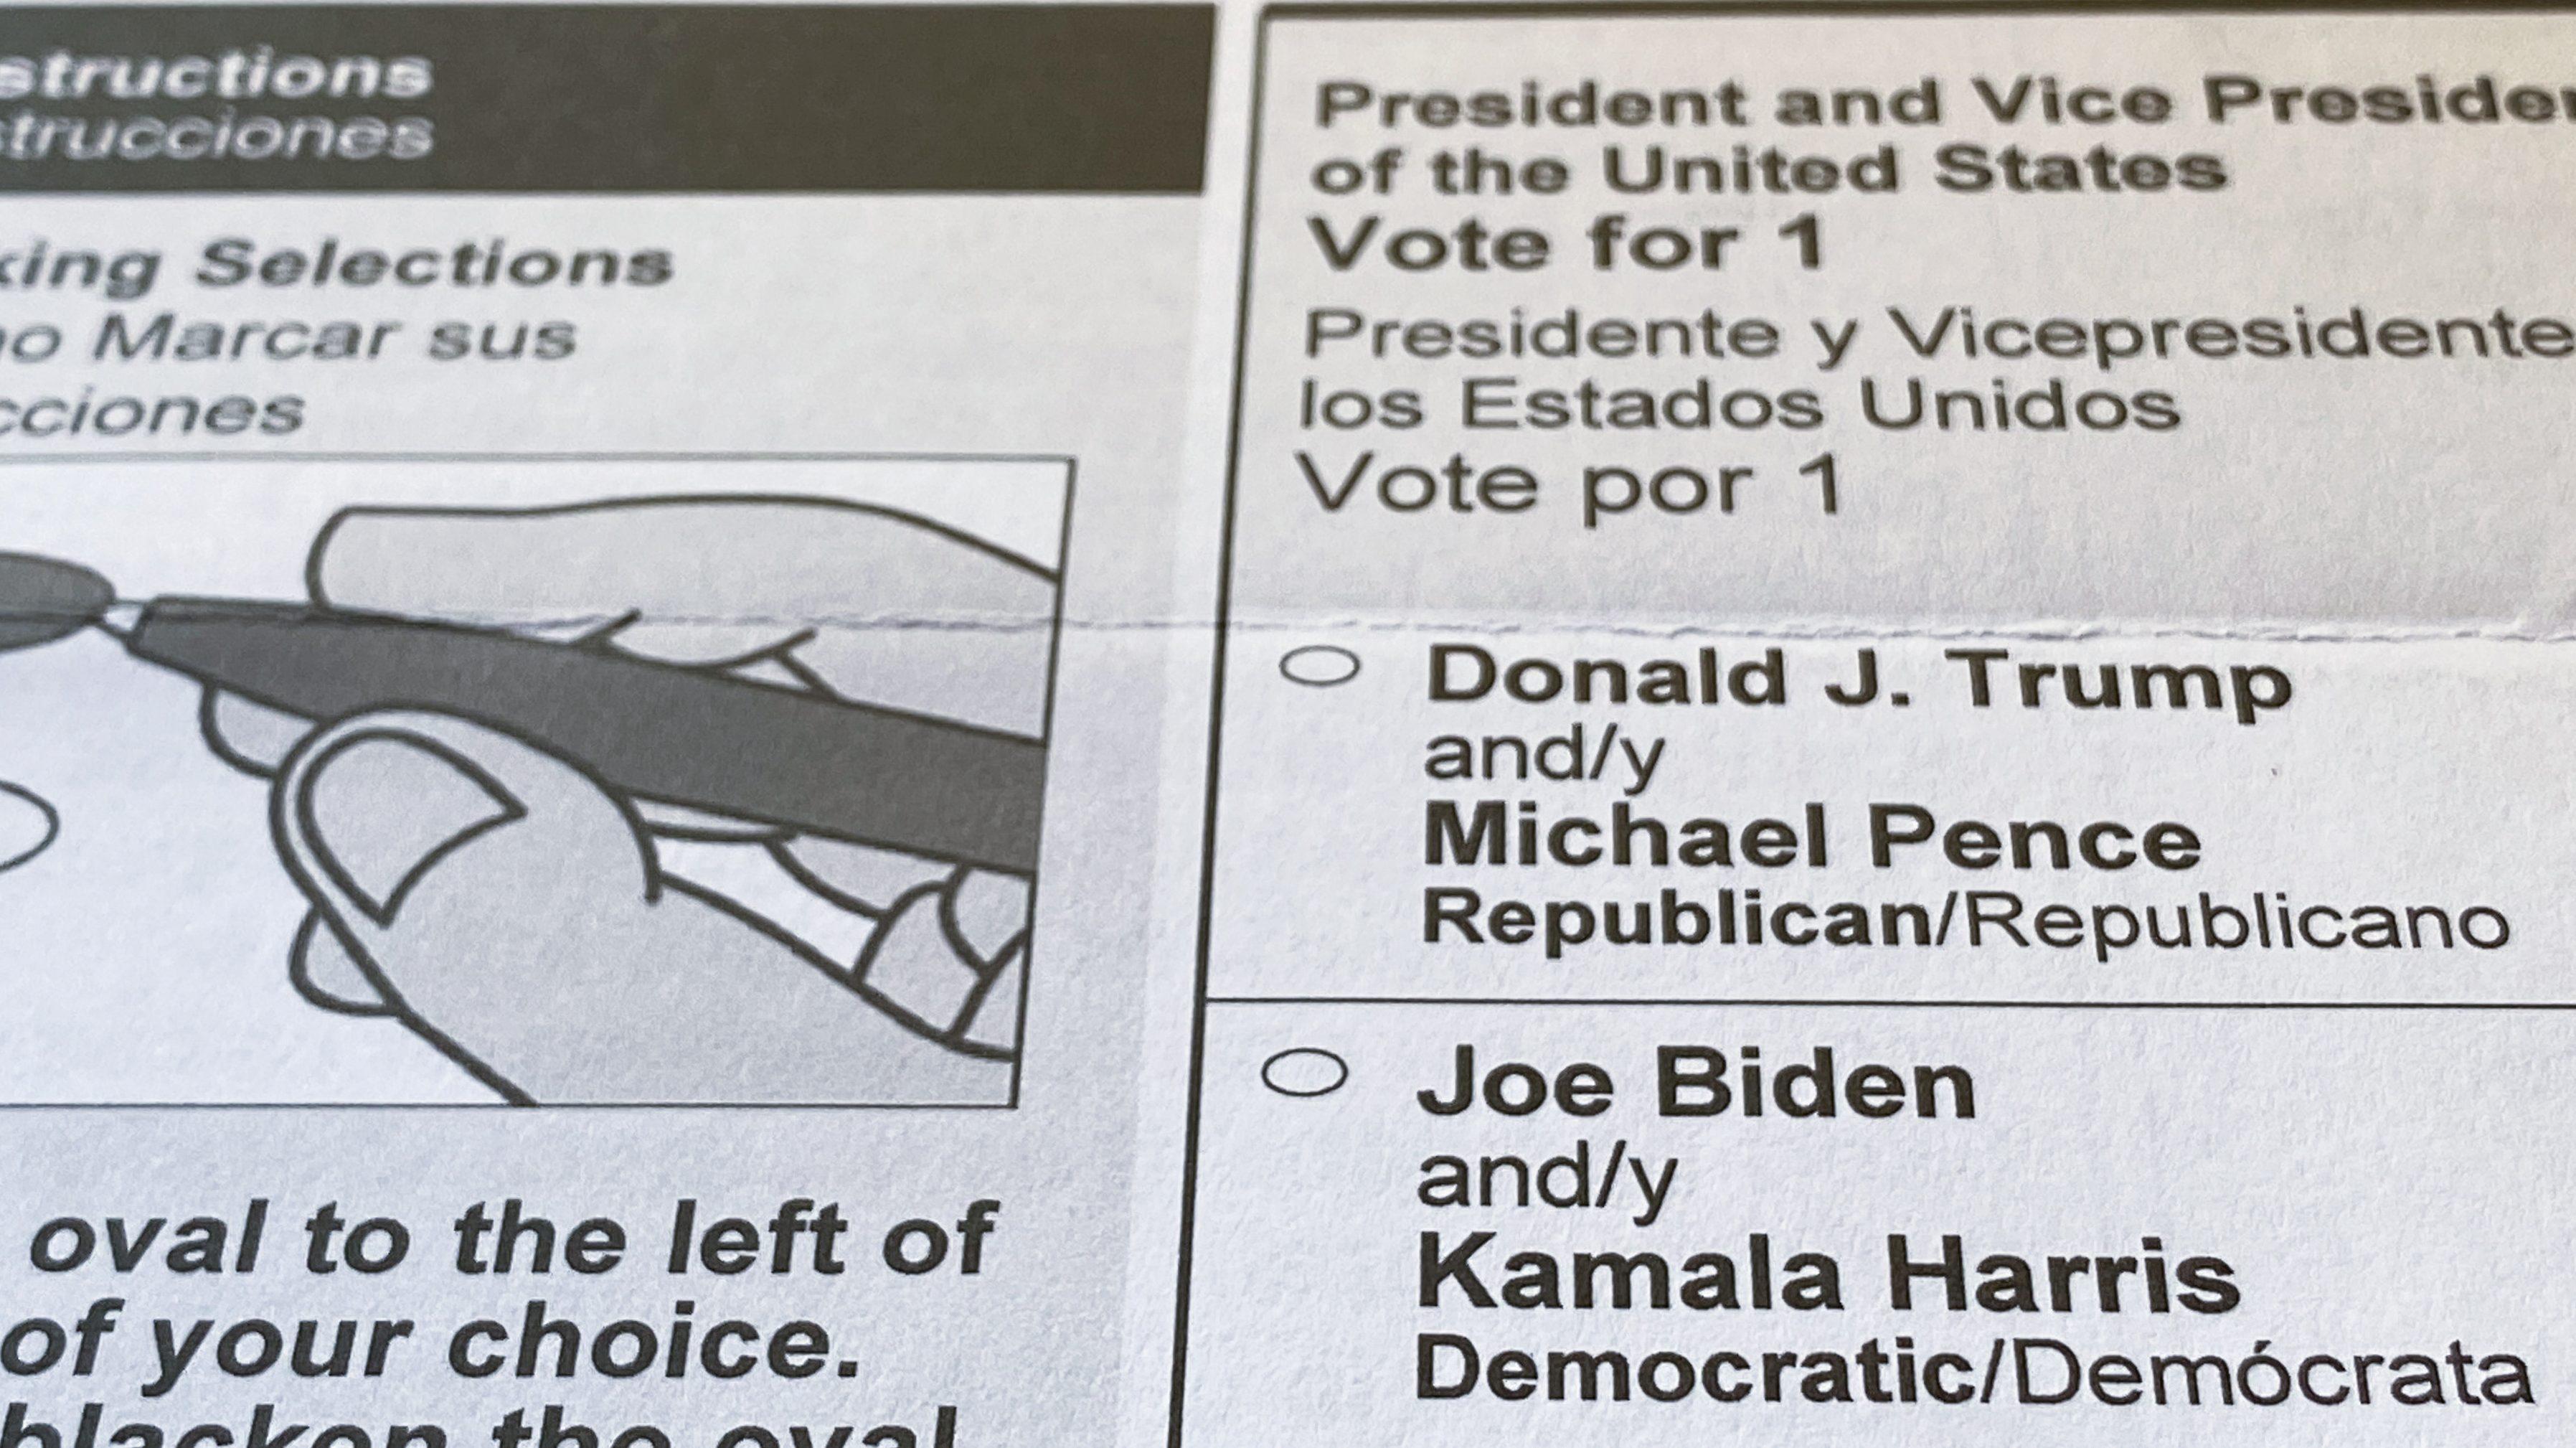 A 2020 US presidential election ballot